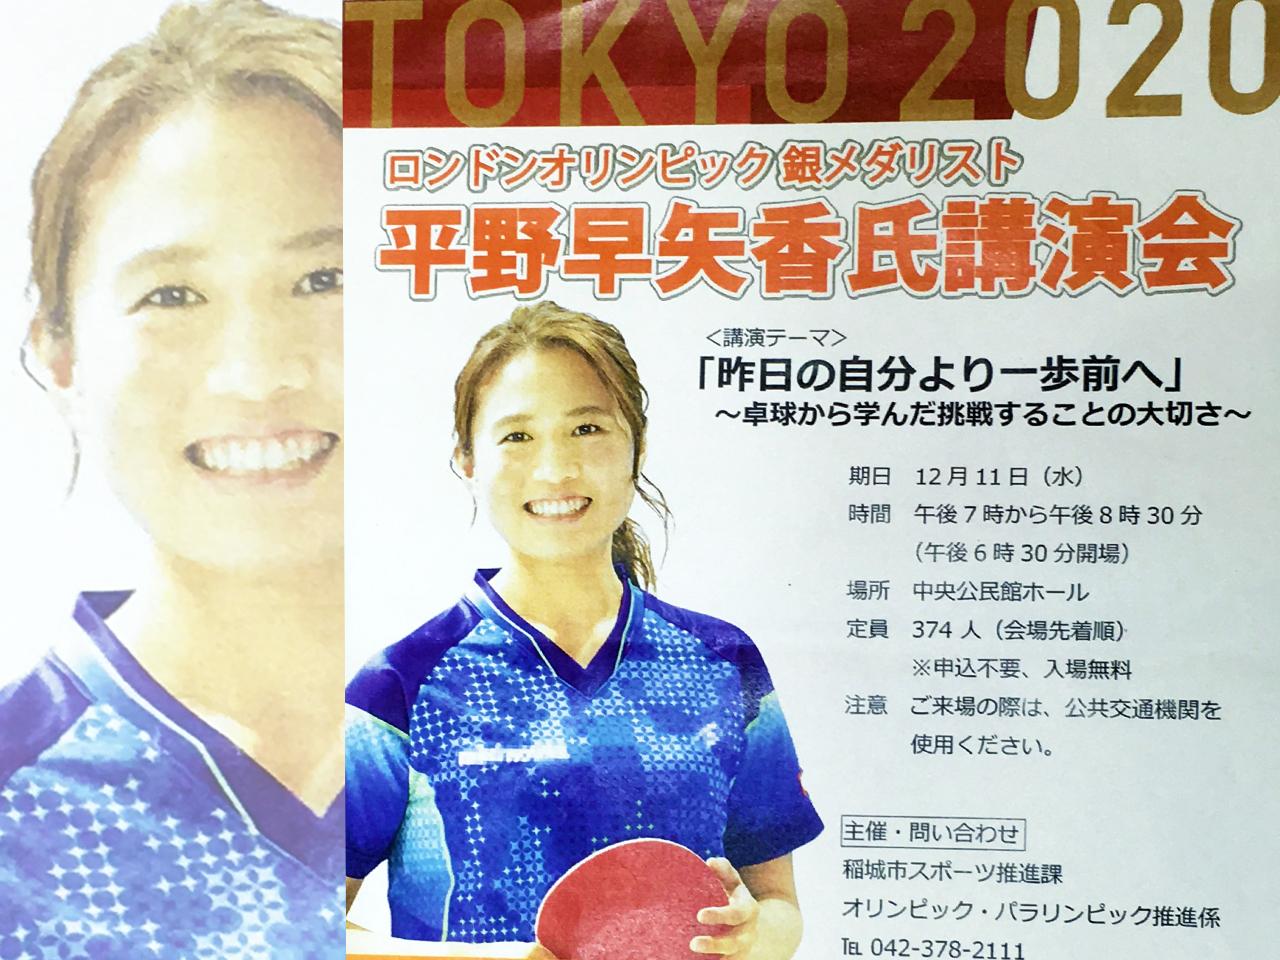 ロンドンオリンピック銀メダリストの平野早矢香氏講演会